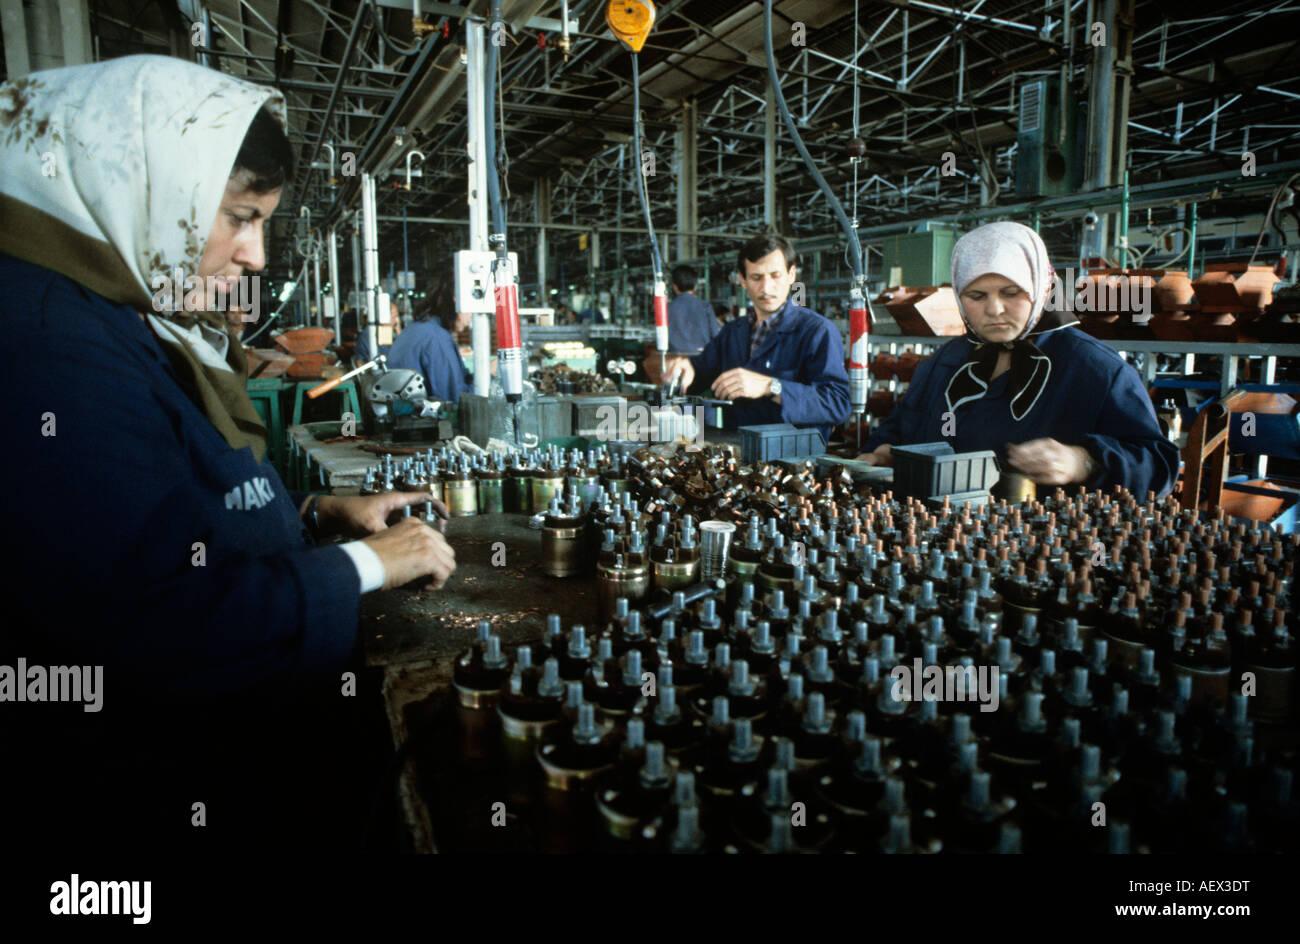 Silk Making Stockfotos & Silk Making Bilder - Seite 2 - Alamy